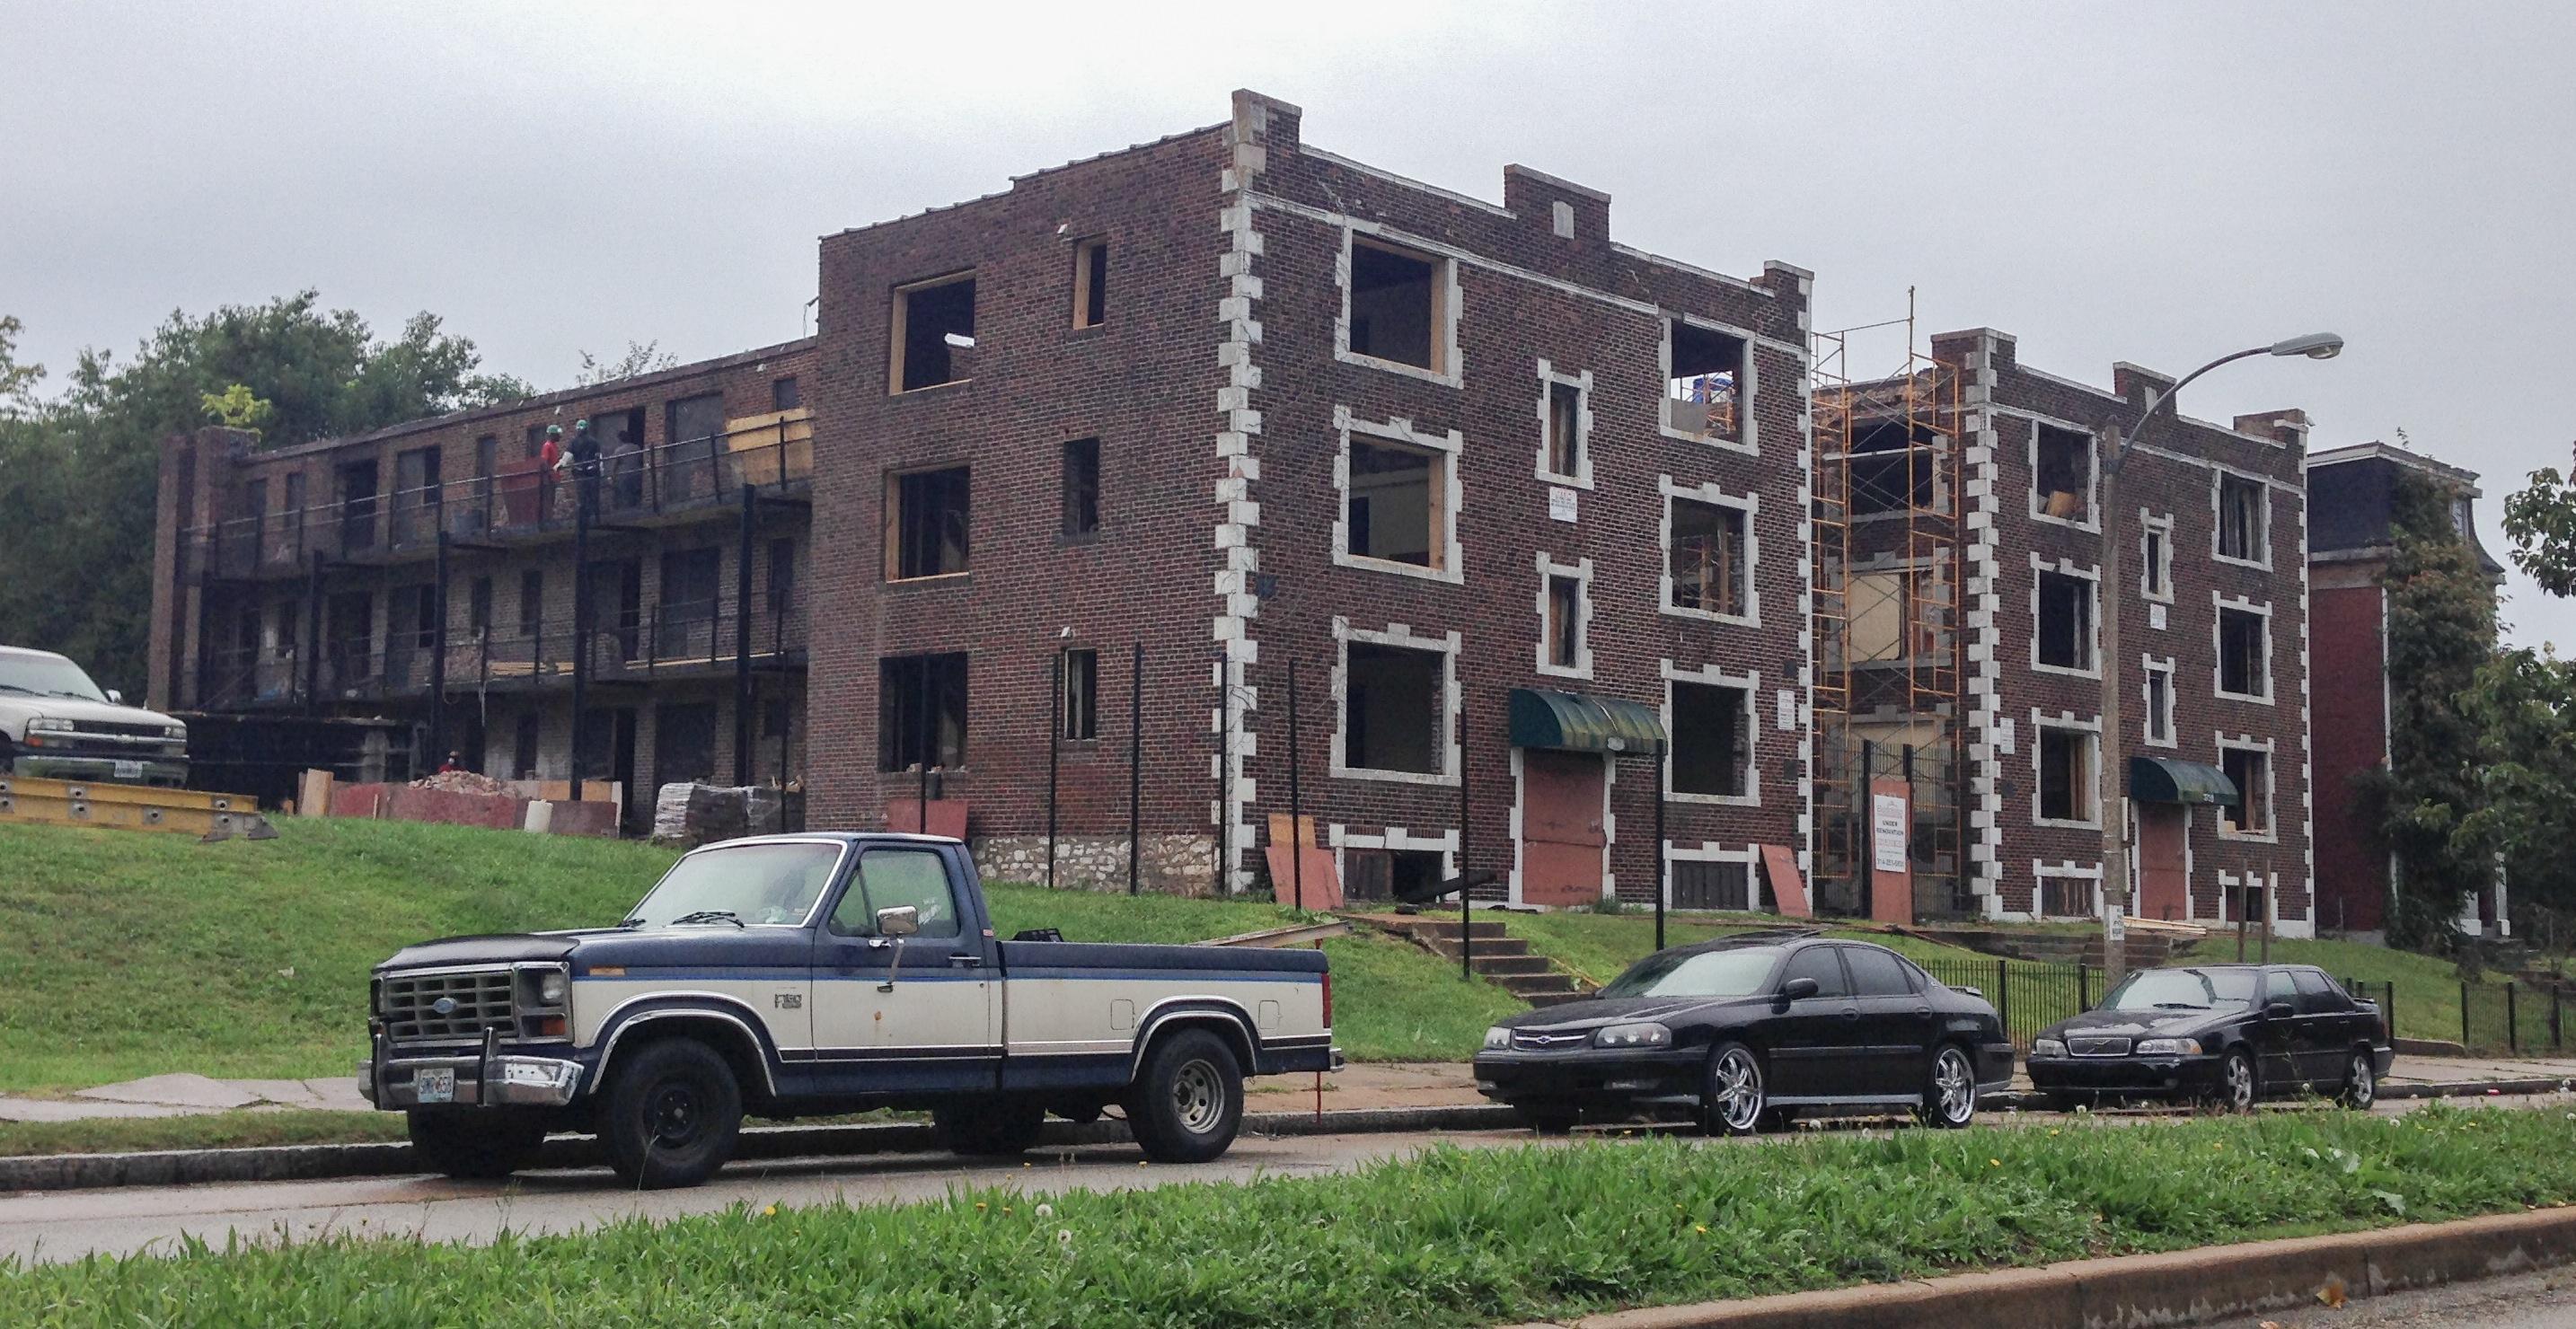 Apartment Block in Grand Center under Rehab (3718-22 Cook)